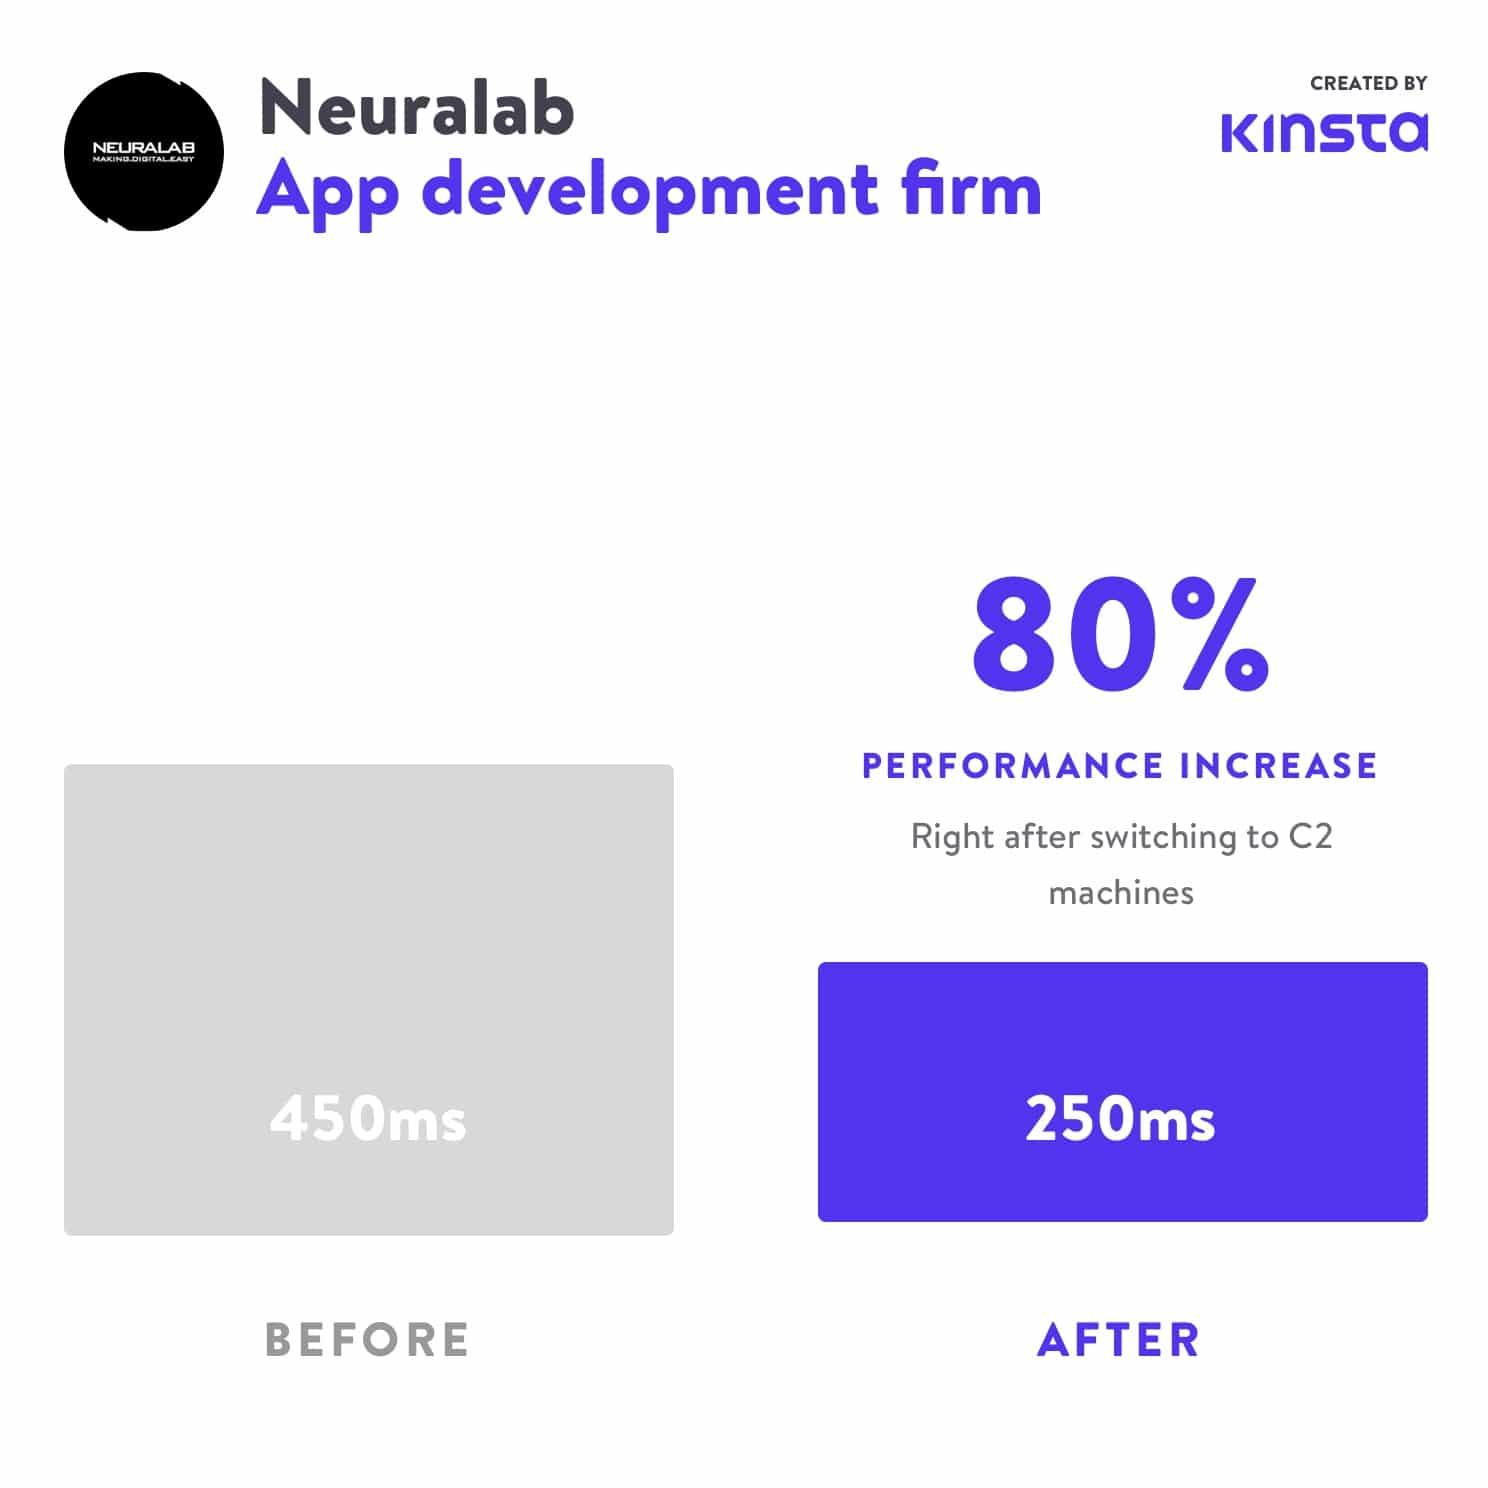 El Neuralab vio un aumento del 80% en el rendimiento después de pasar a C2.